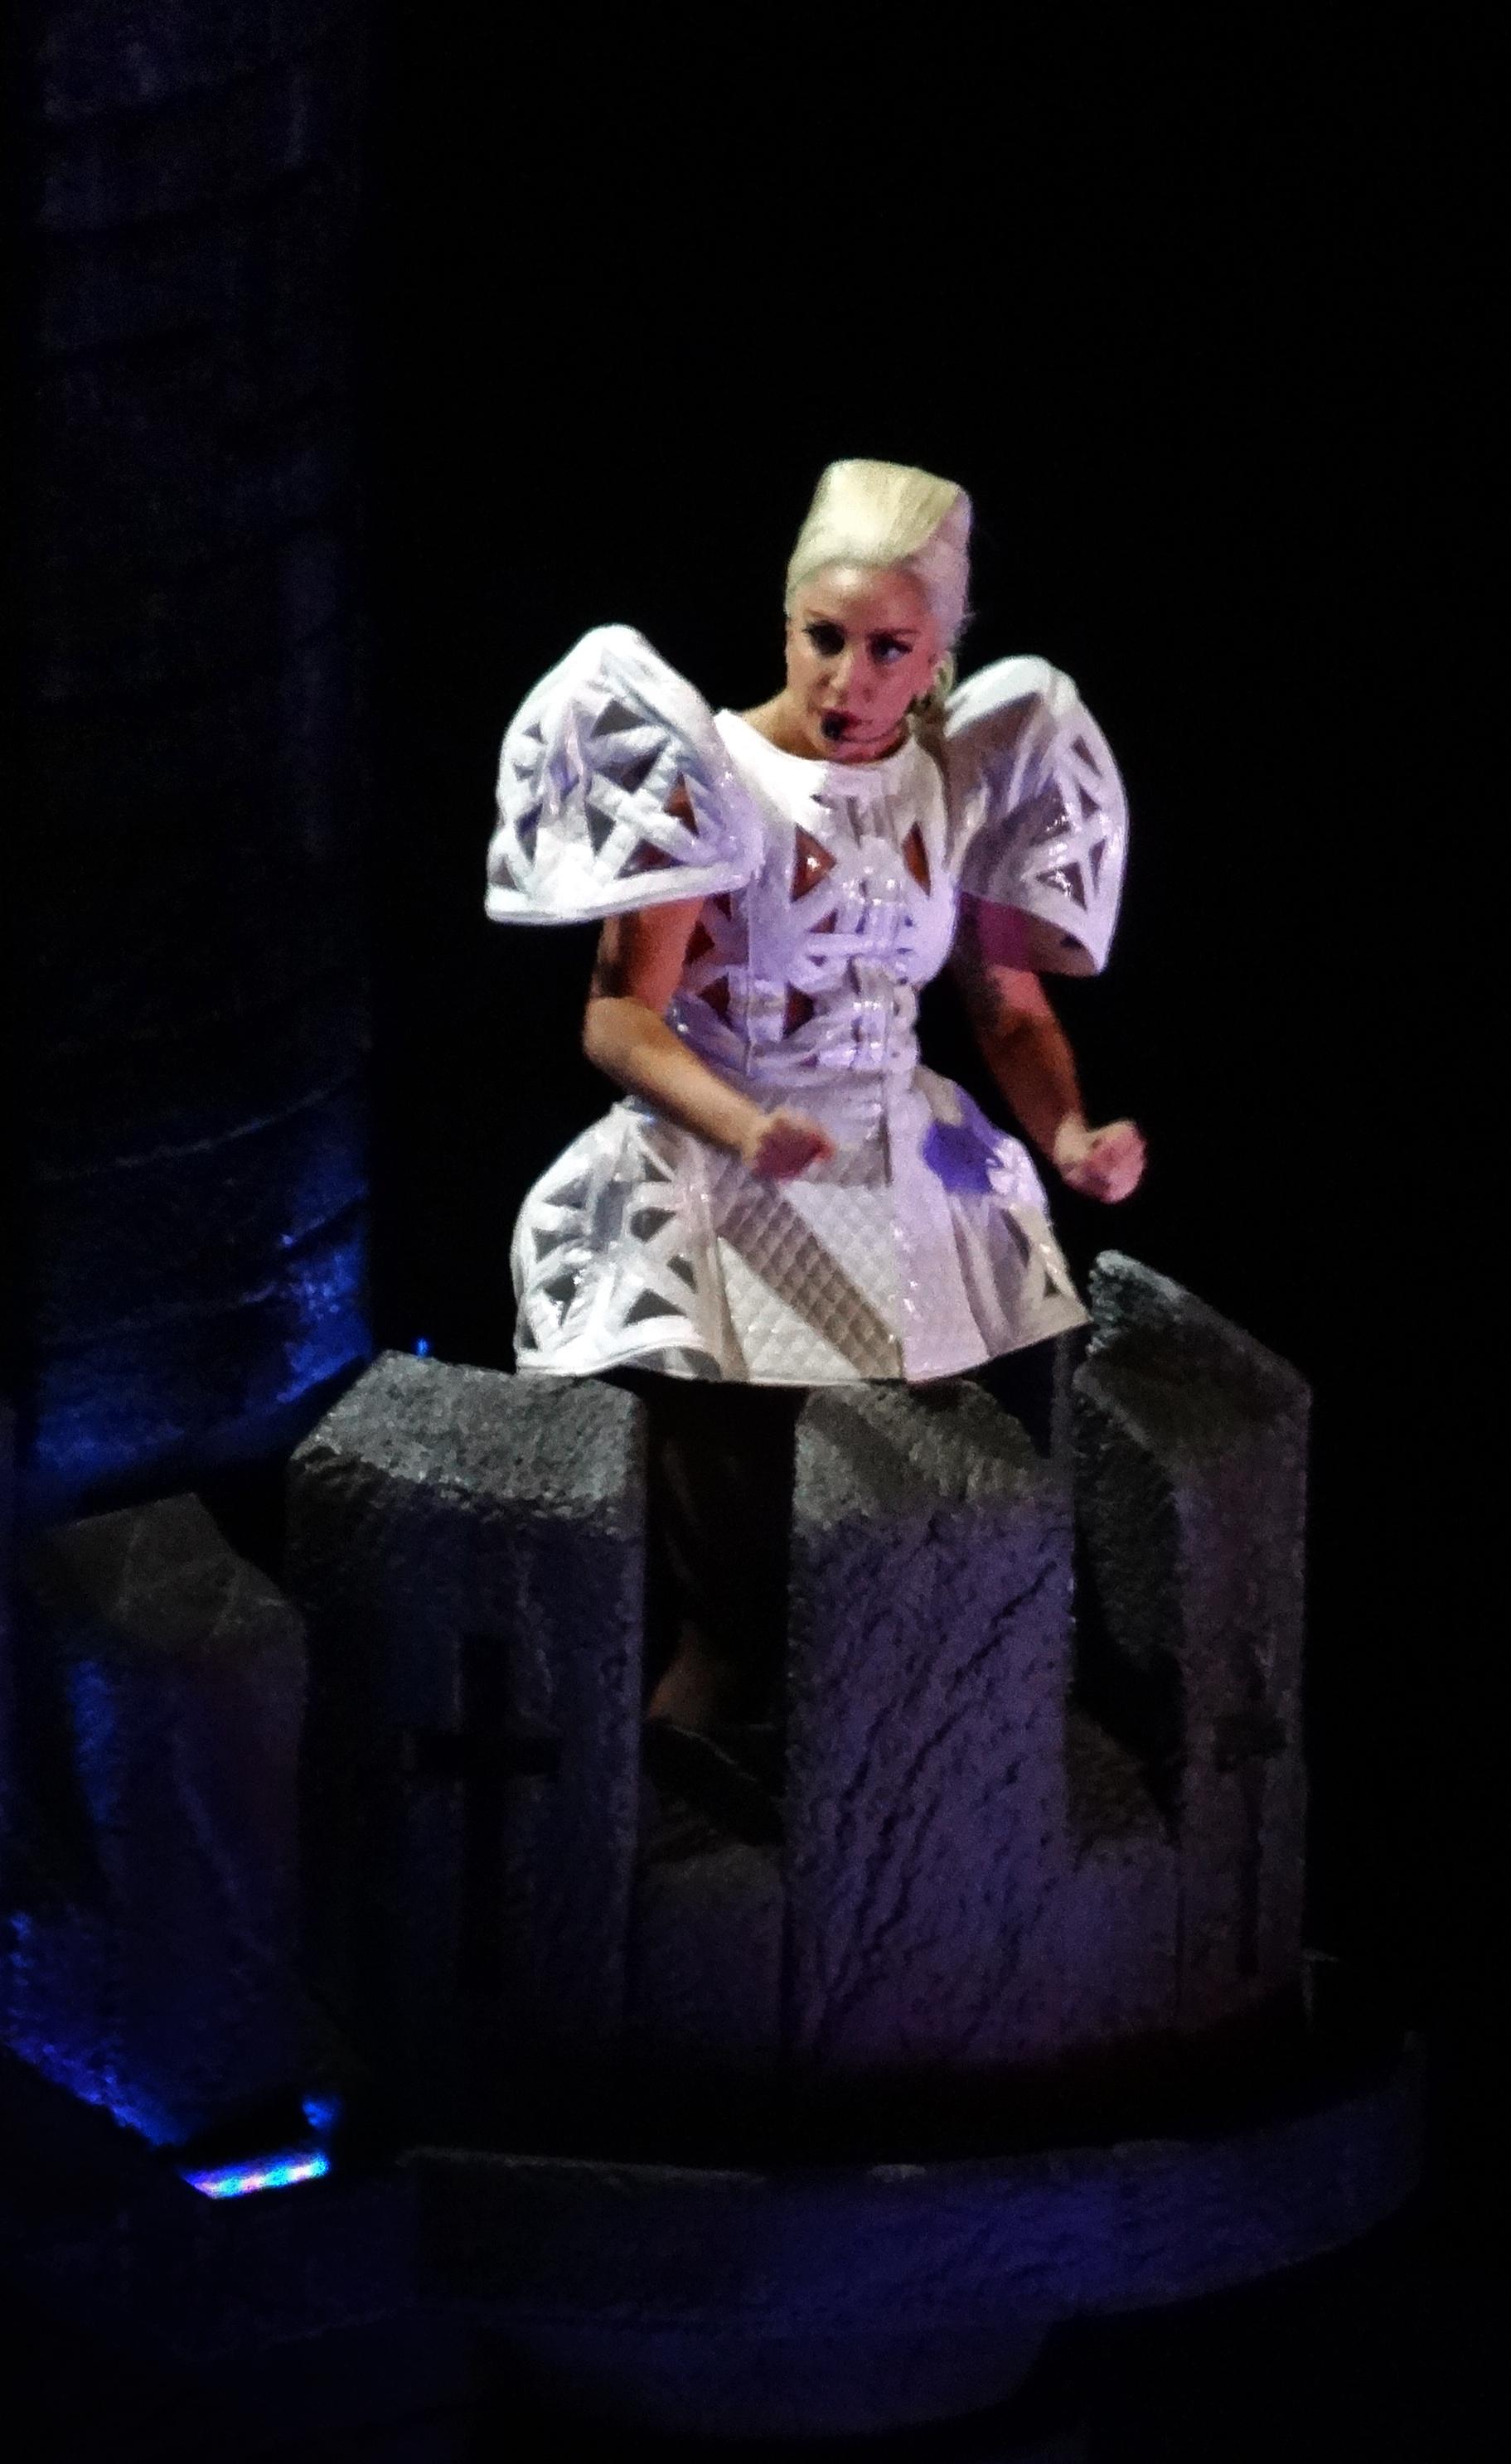 Lady_Gaga_Judas_BTW_Ball.jpg